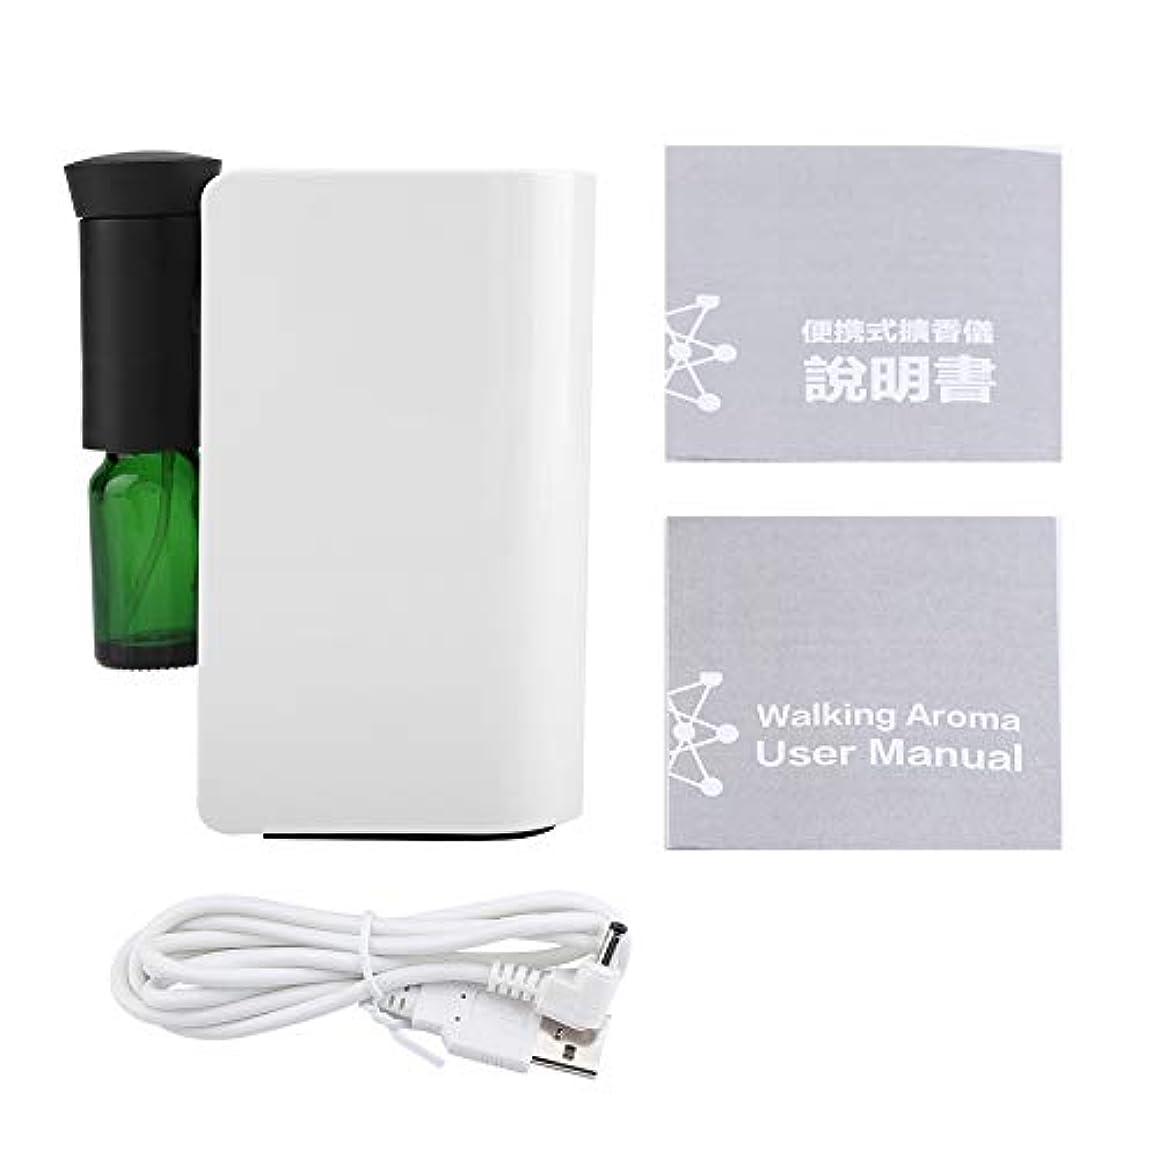 対応マイクロプロセッサ毎月アロマディフューザー usb充電式 100ml 精油 エッセンシャルオイル用 自動アロマディスペンサー用 部屋 オフィス(ホワイト)